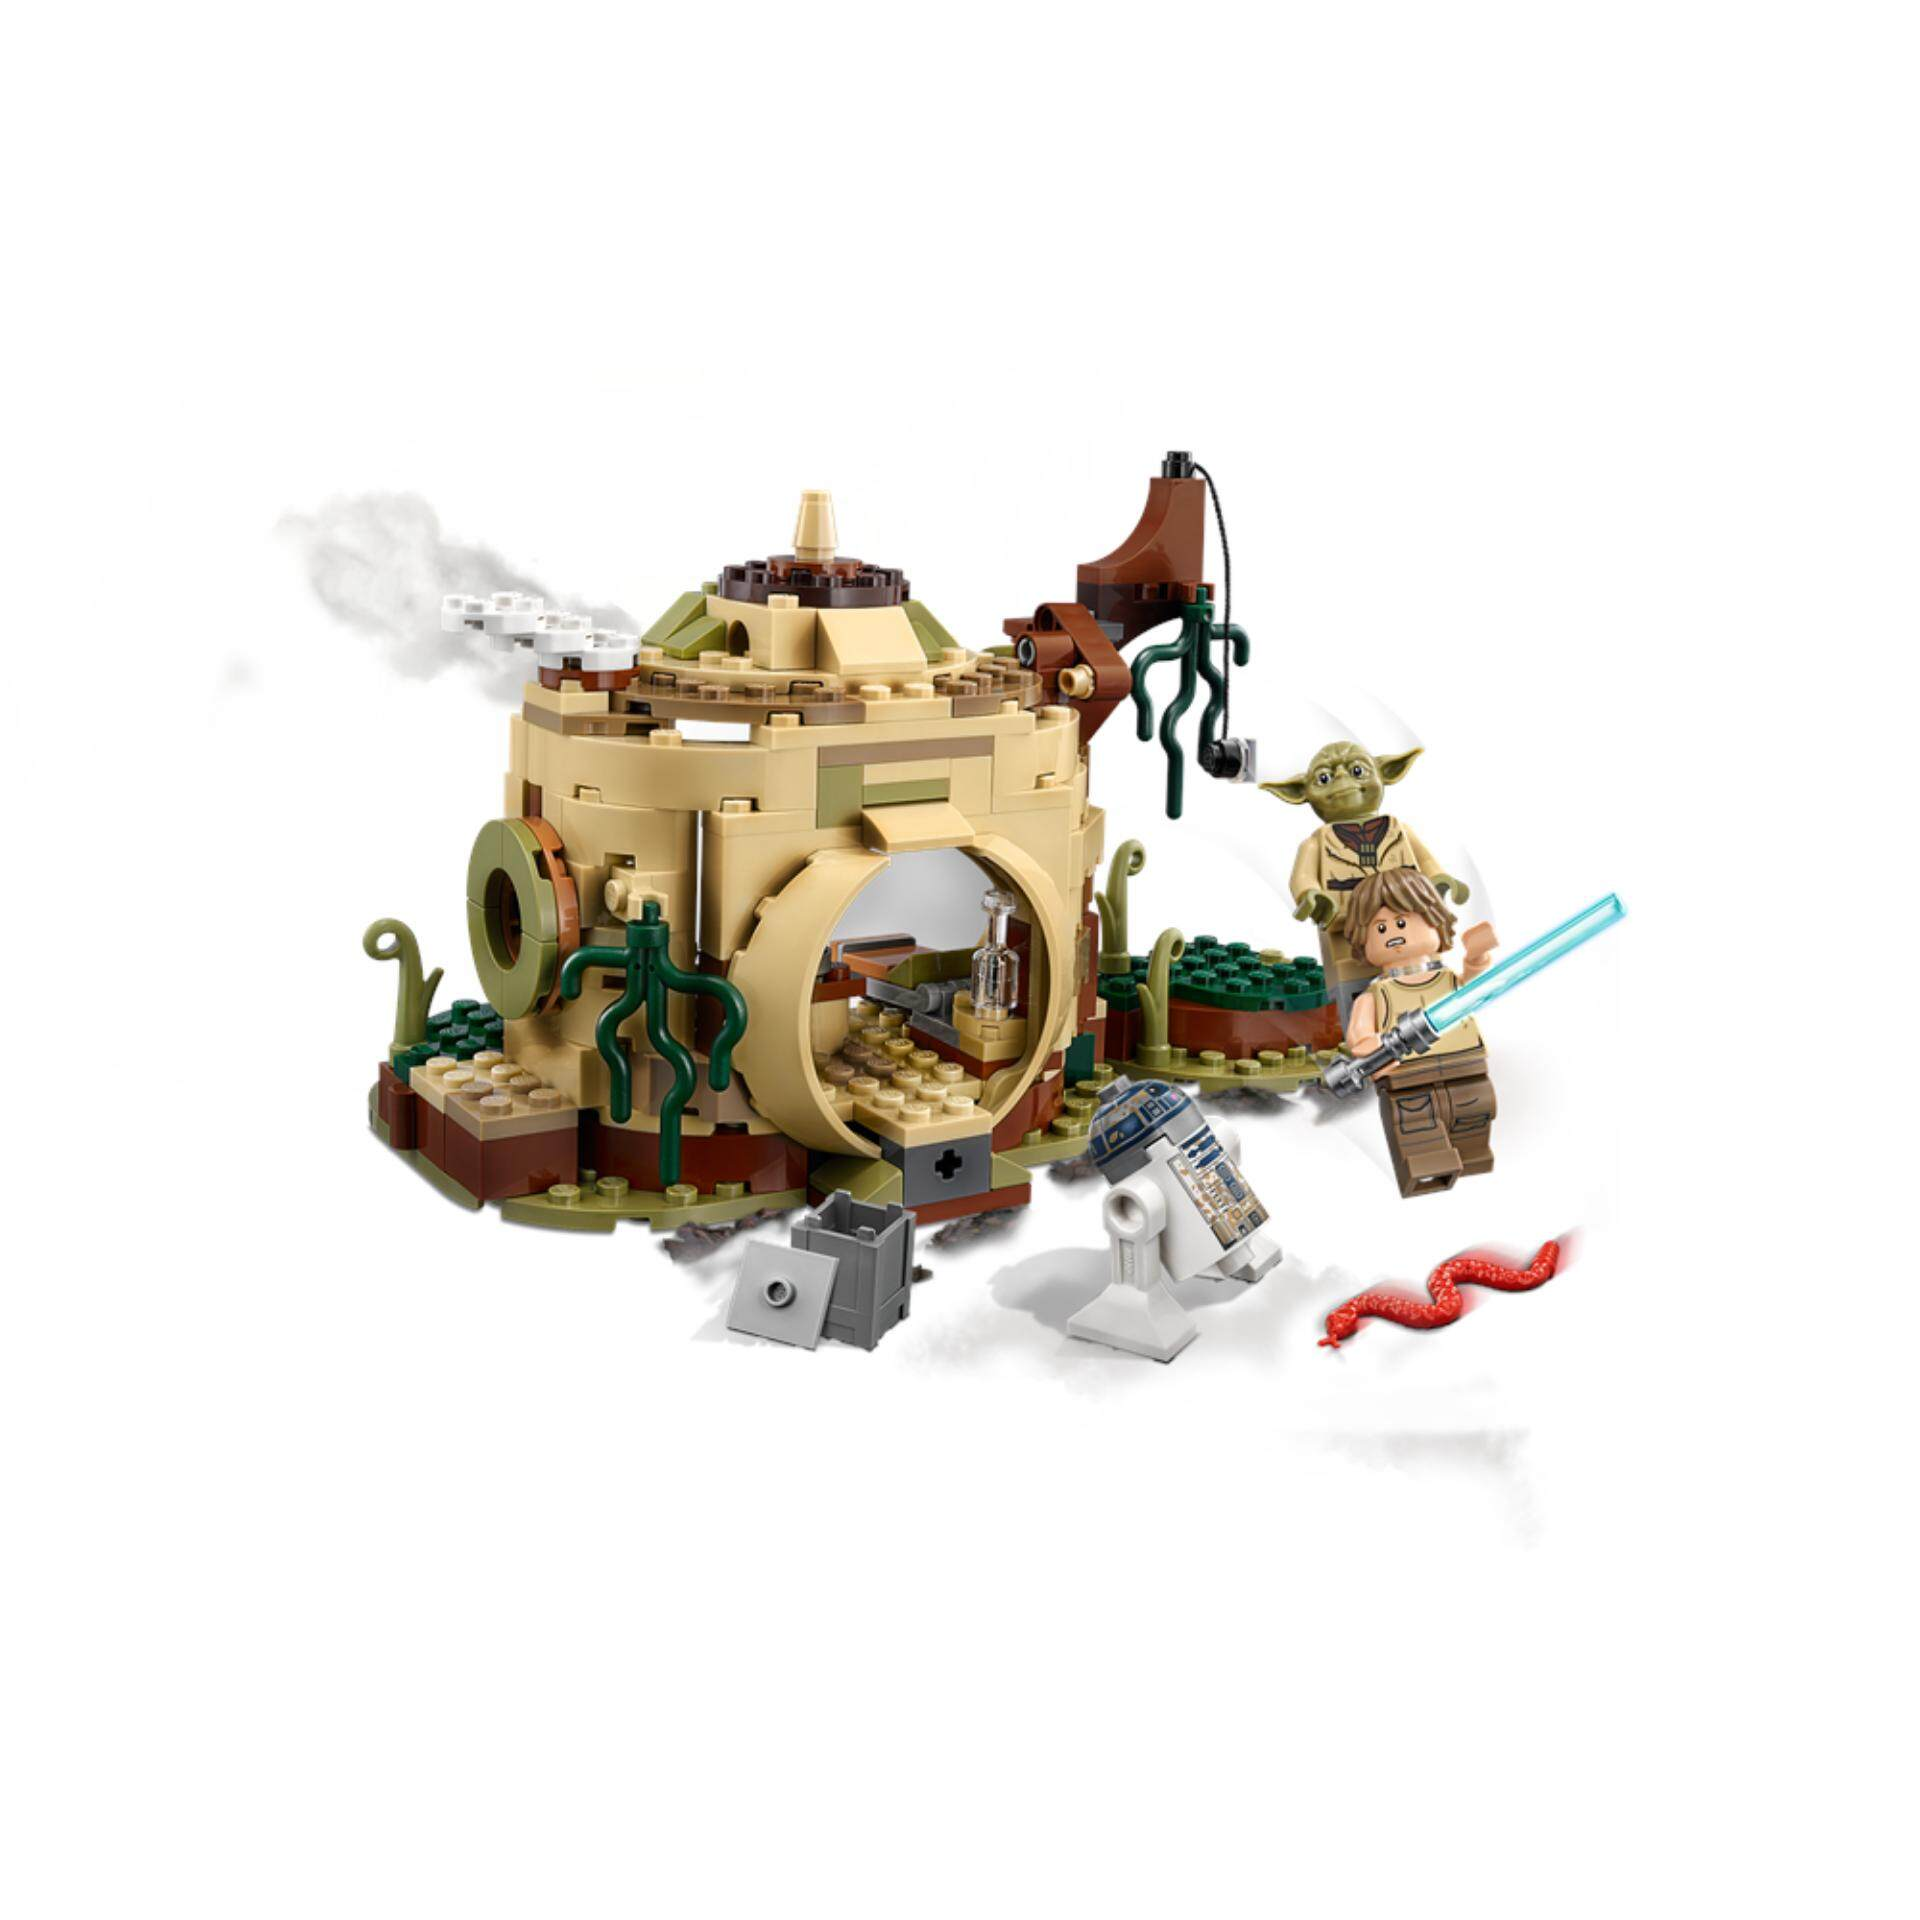 LEGO(R) Yoda's Hut - 75208 - 2